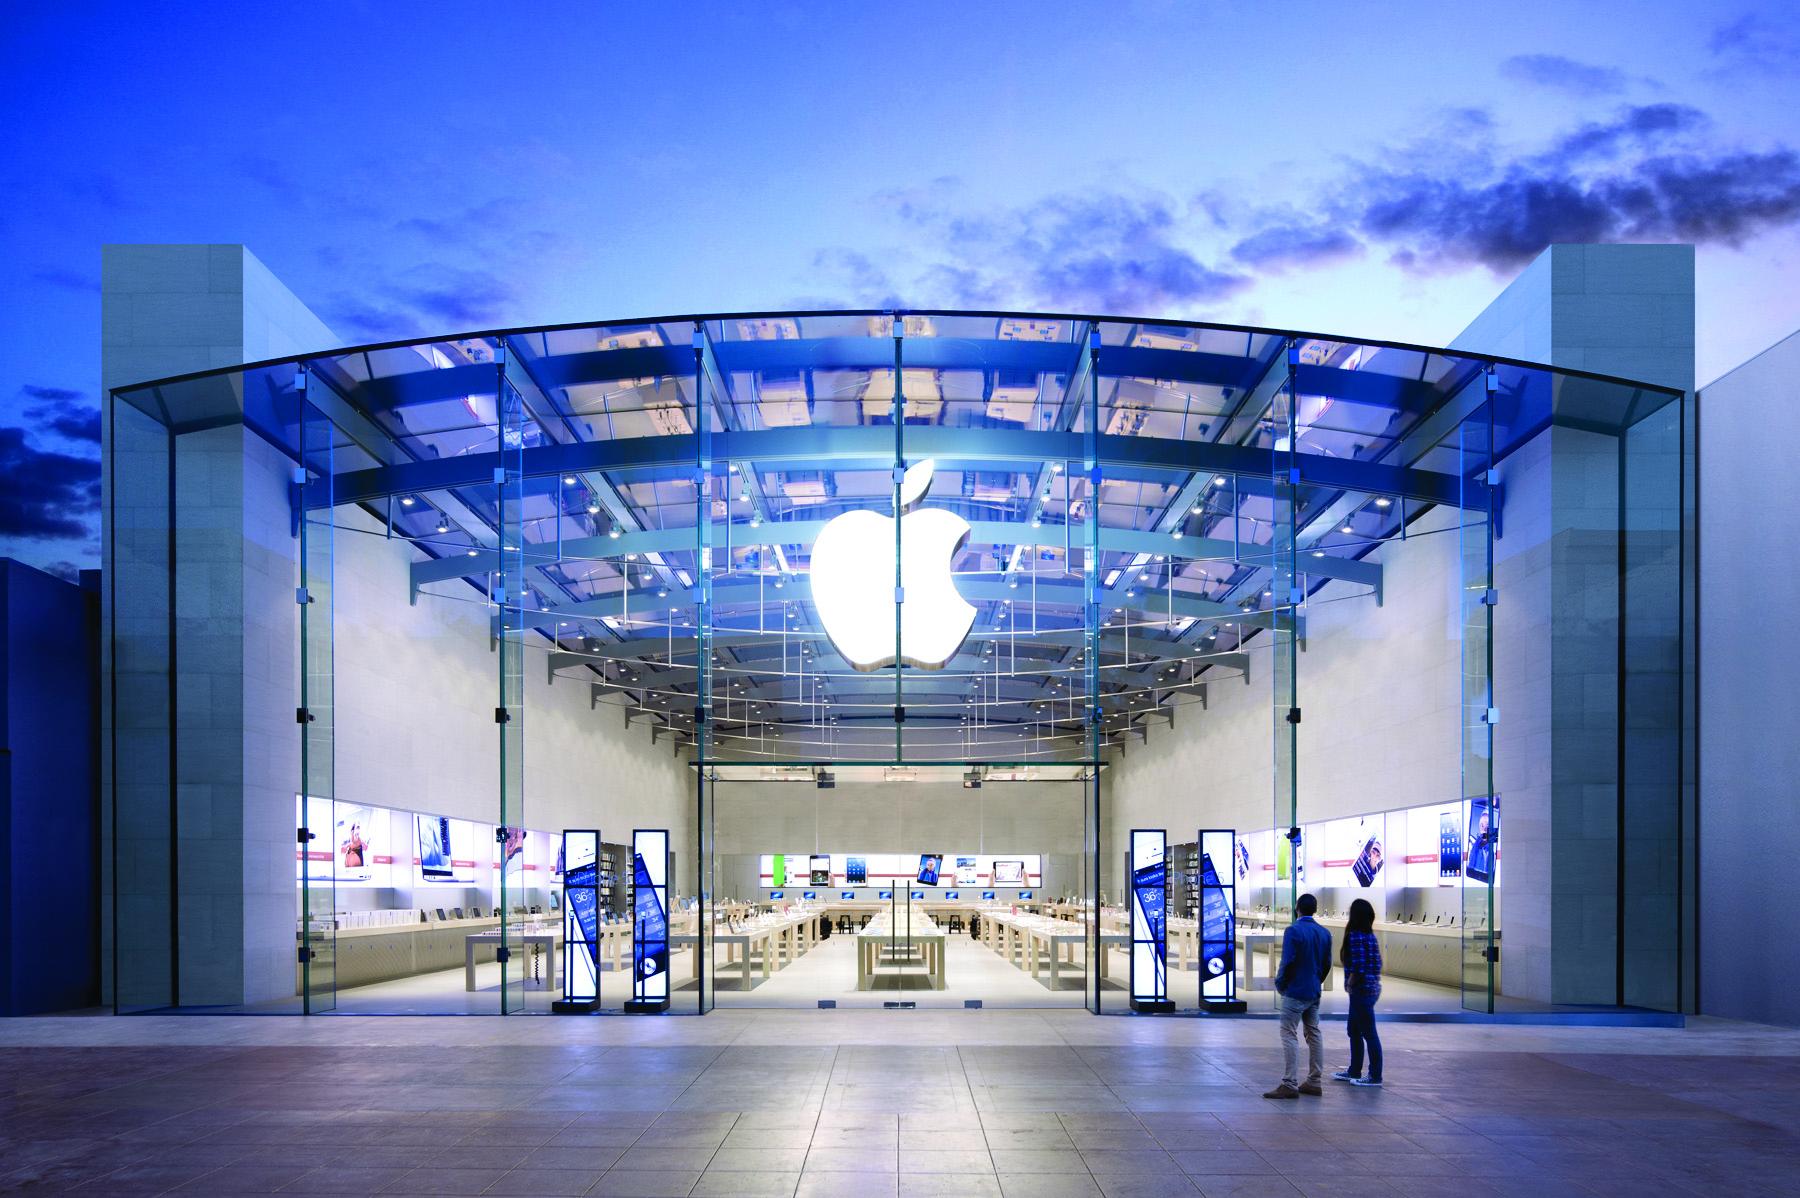 Apple rasism australia